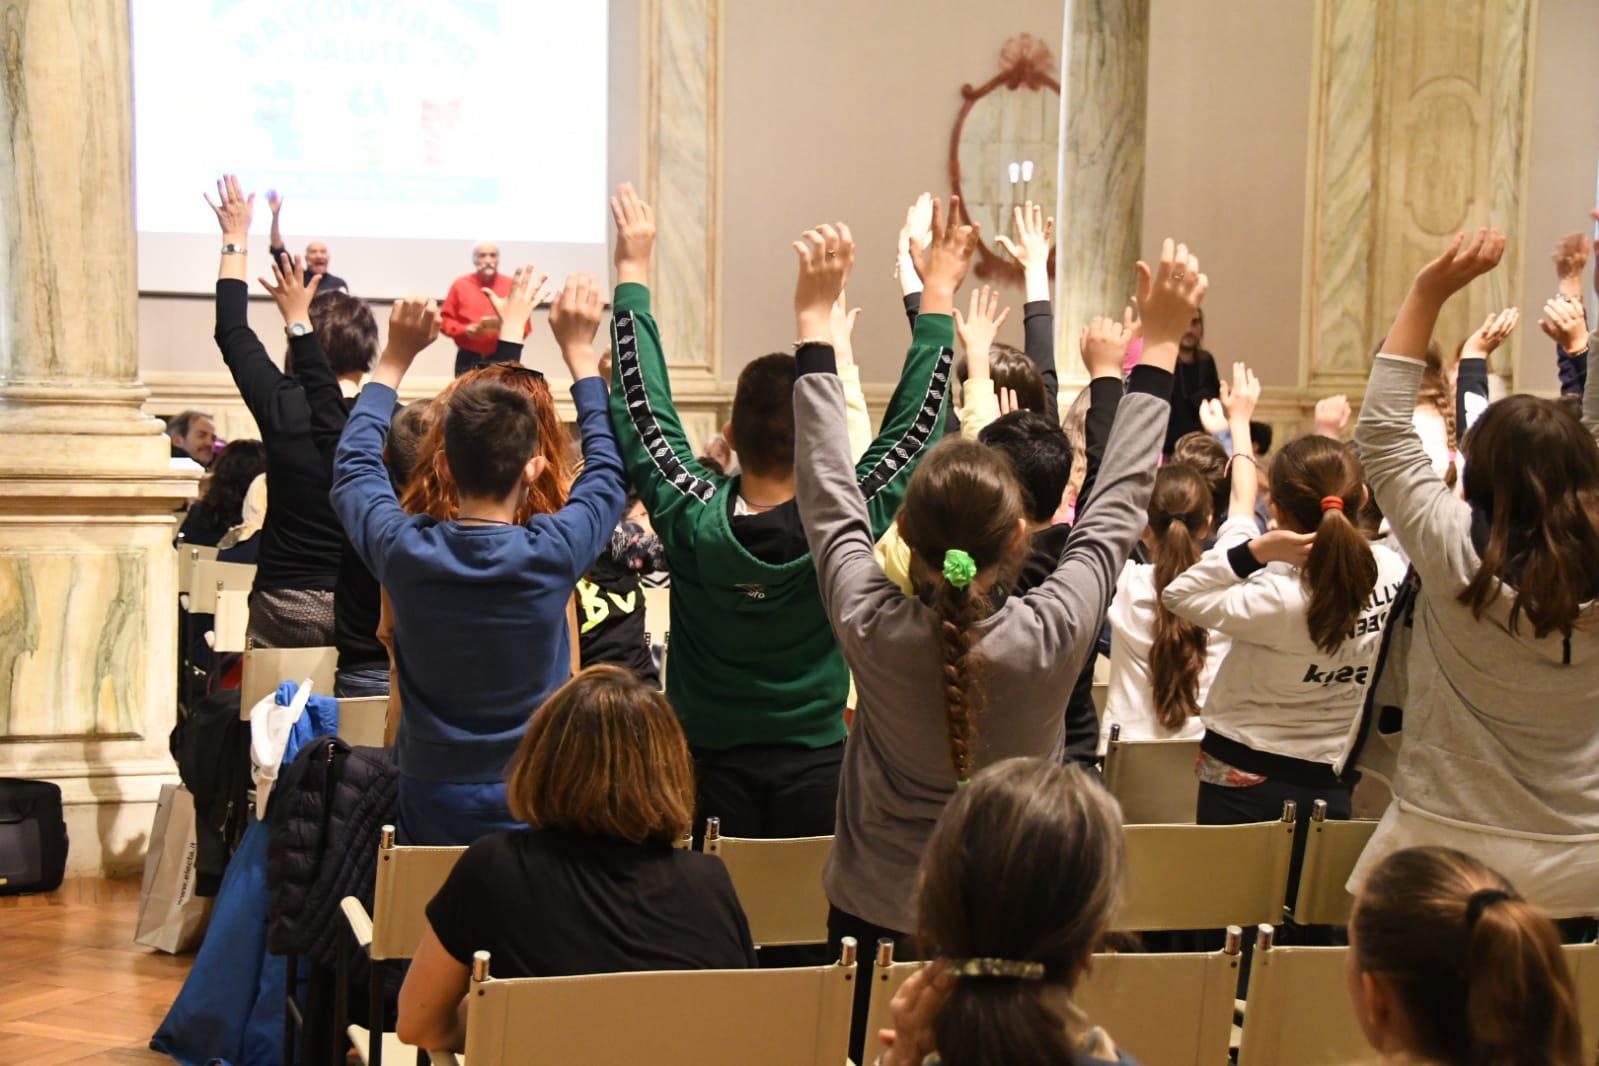 bambini con le braccia alzate